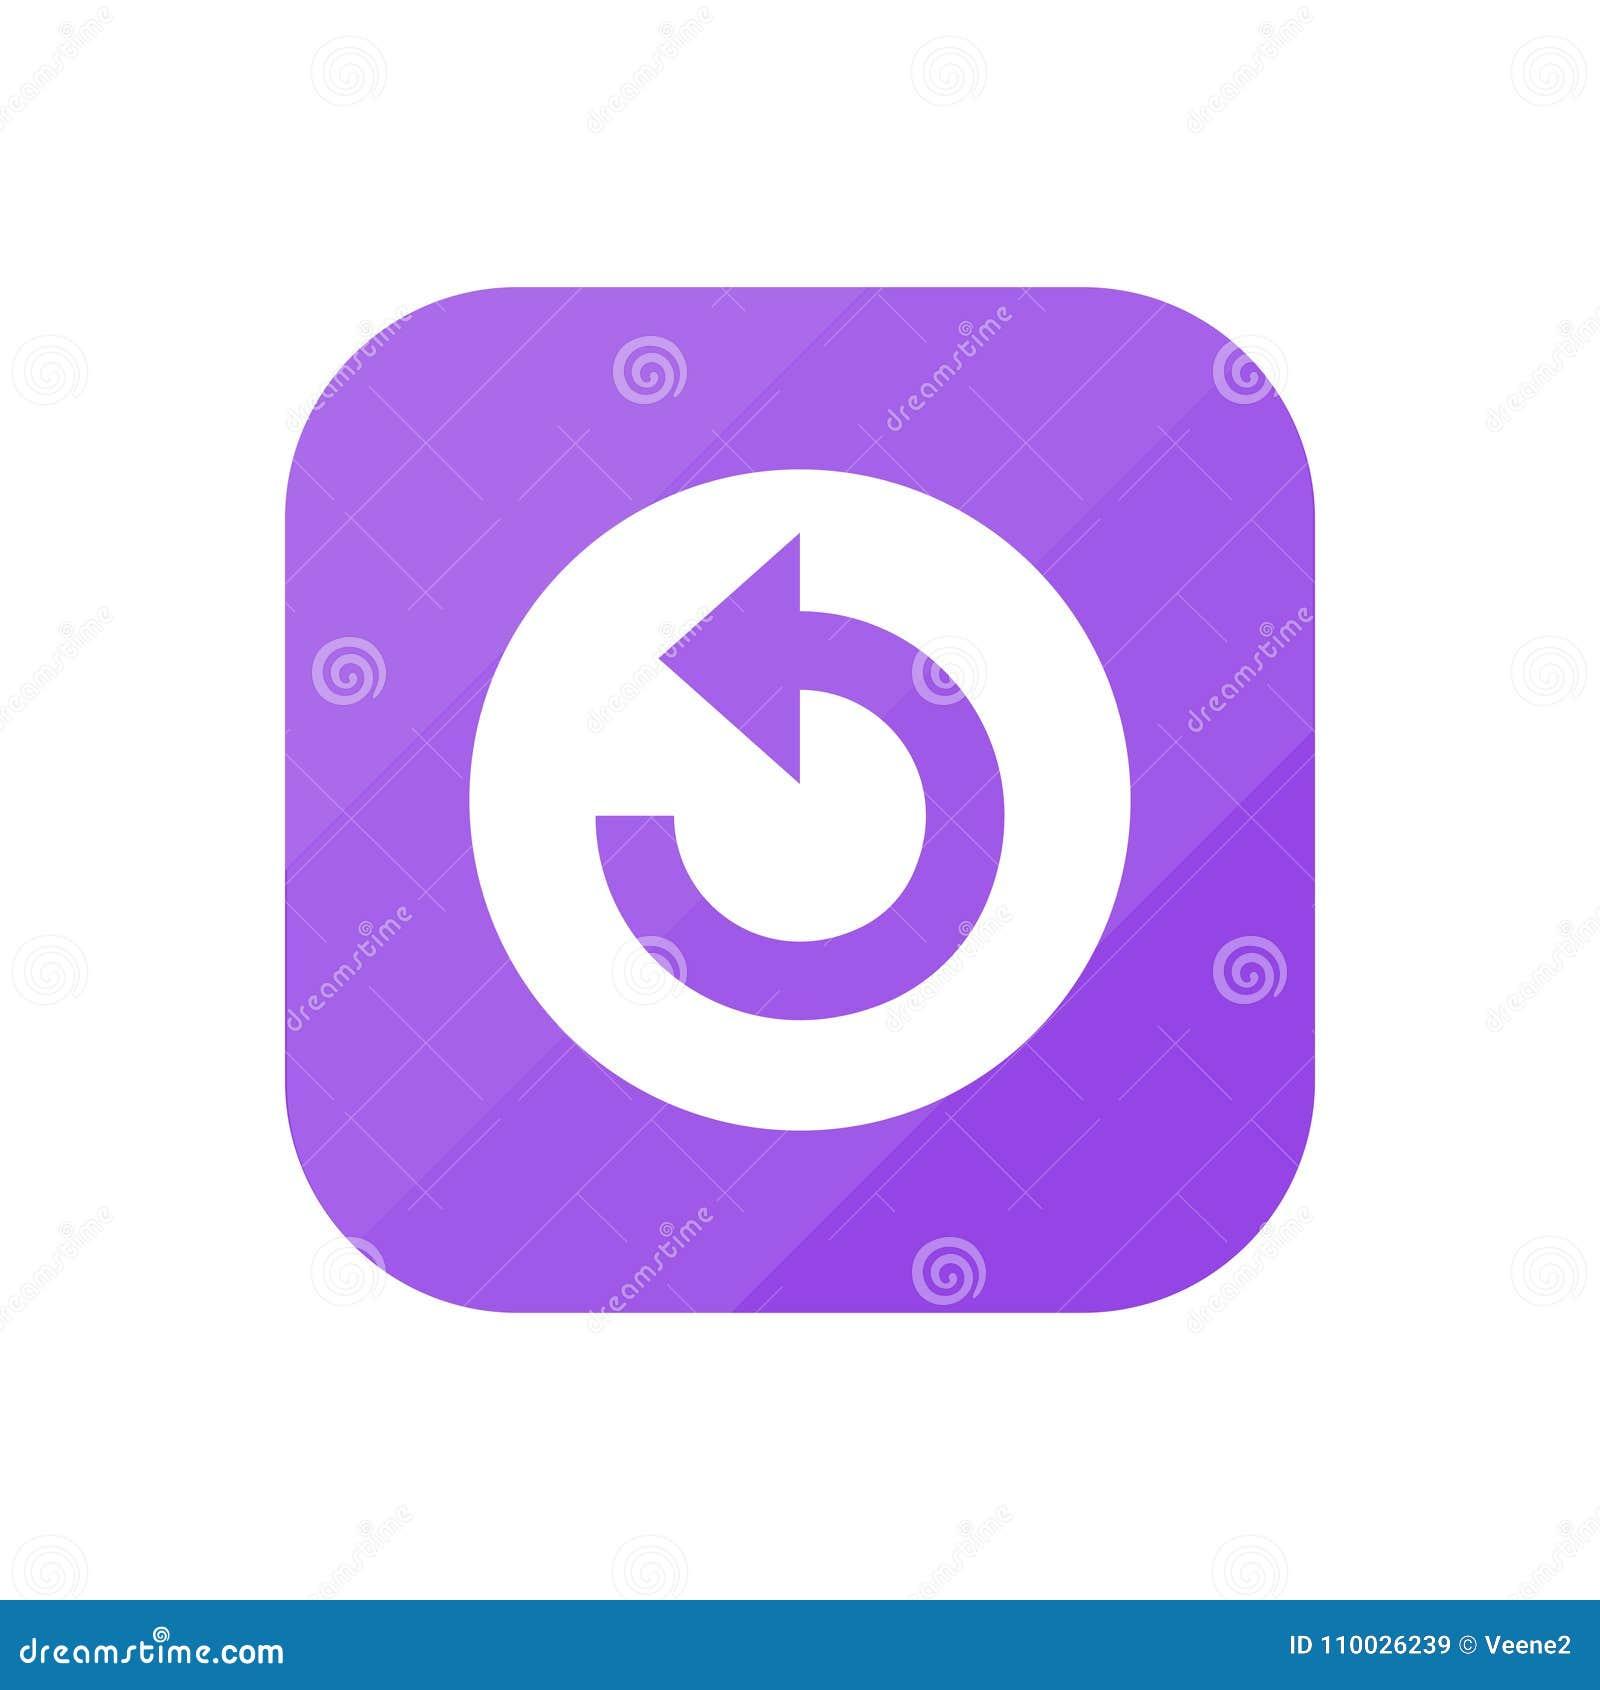 Maak - App Pictogram ongedaan